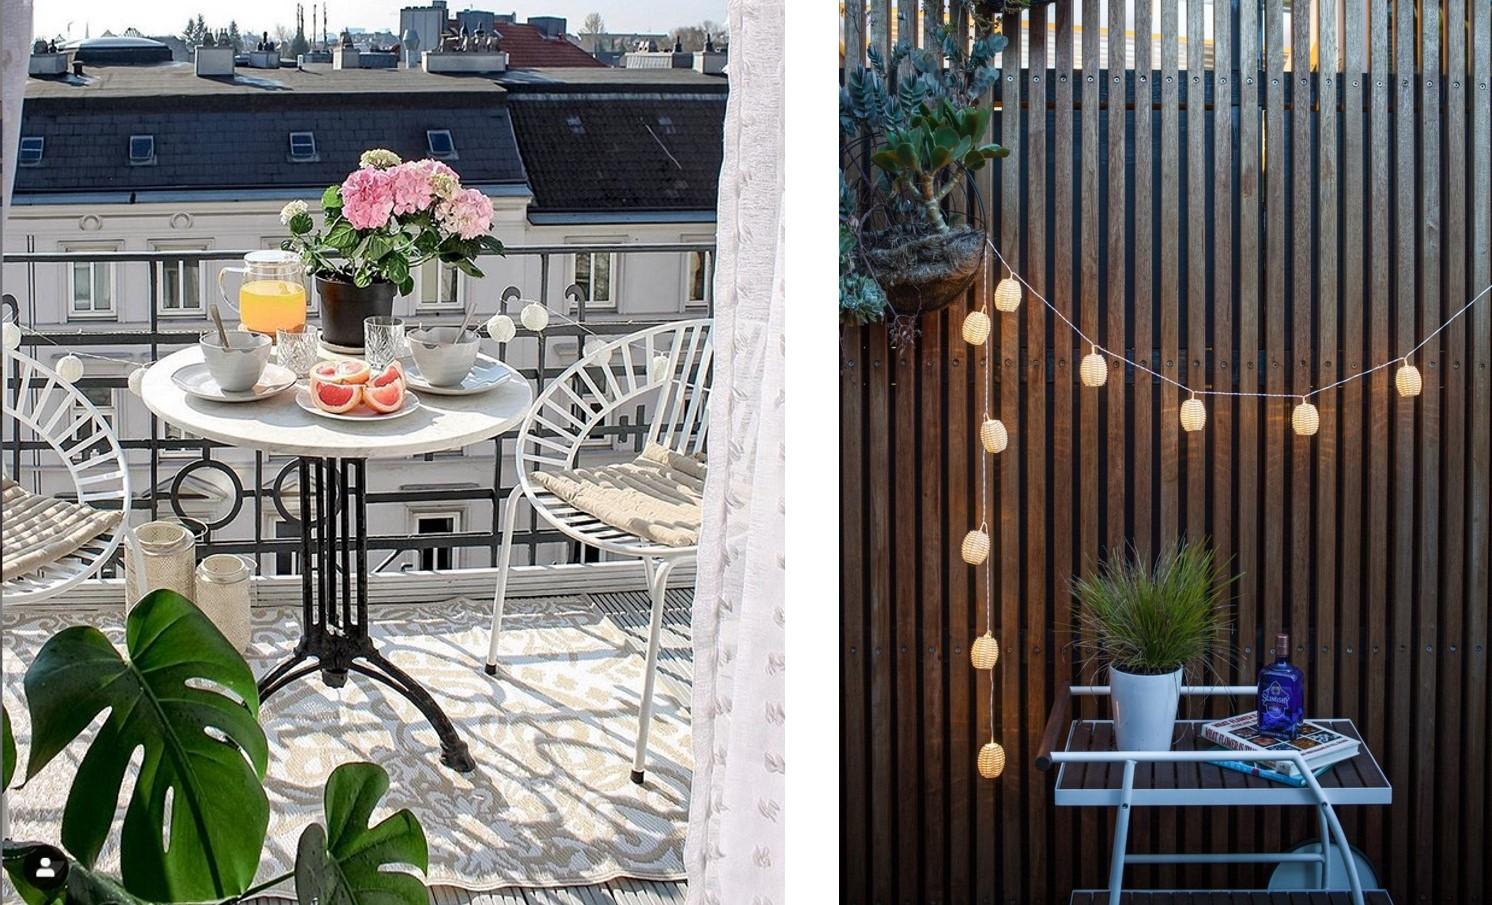 Balkon-Styling mit Palettenmöbeln, Teppichen und Deko